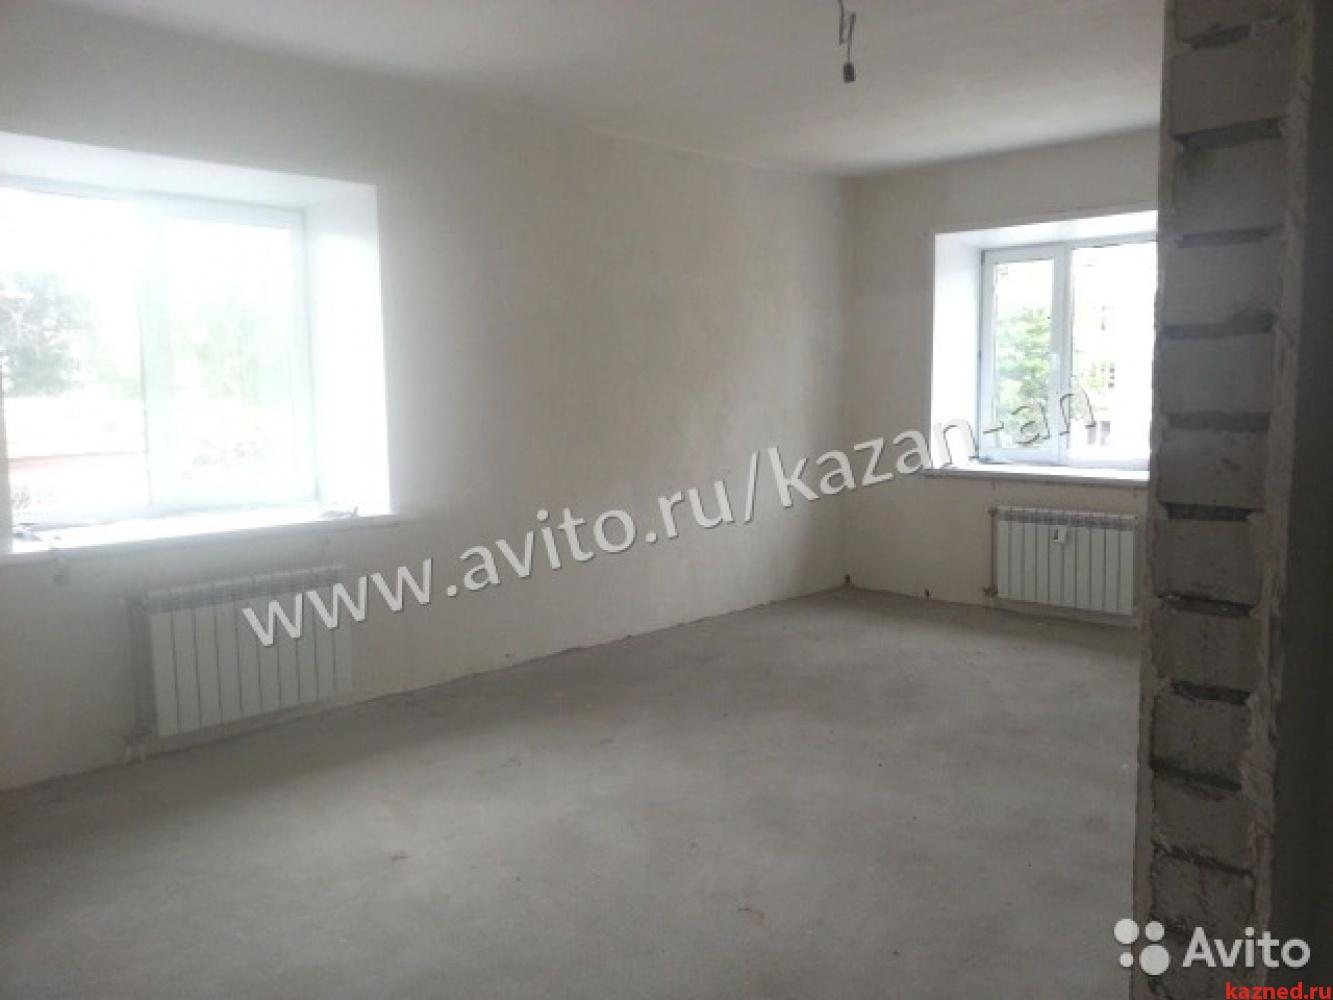 Продажа 2-к квартиры Комсомольская, д. 26, 74 м²  (миниатюра №8)